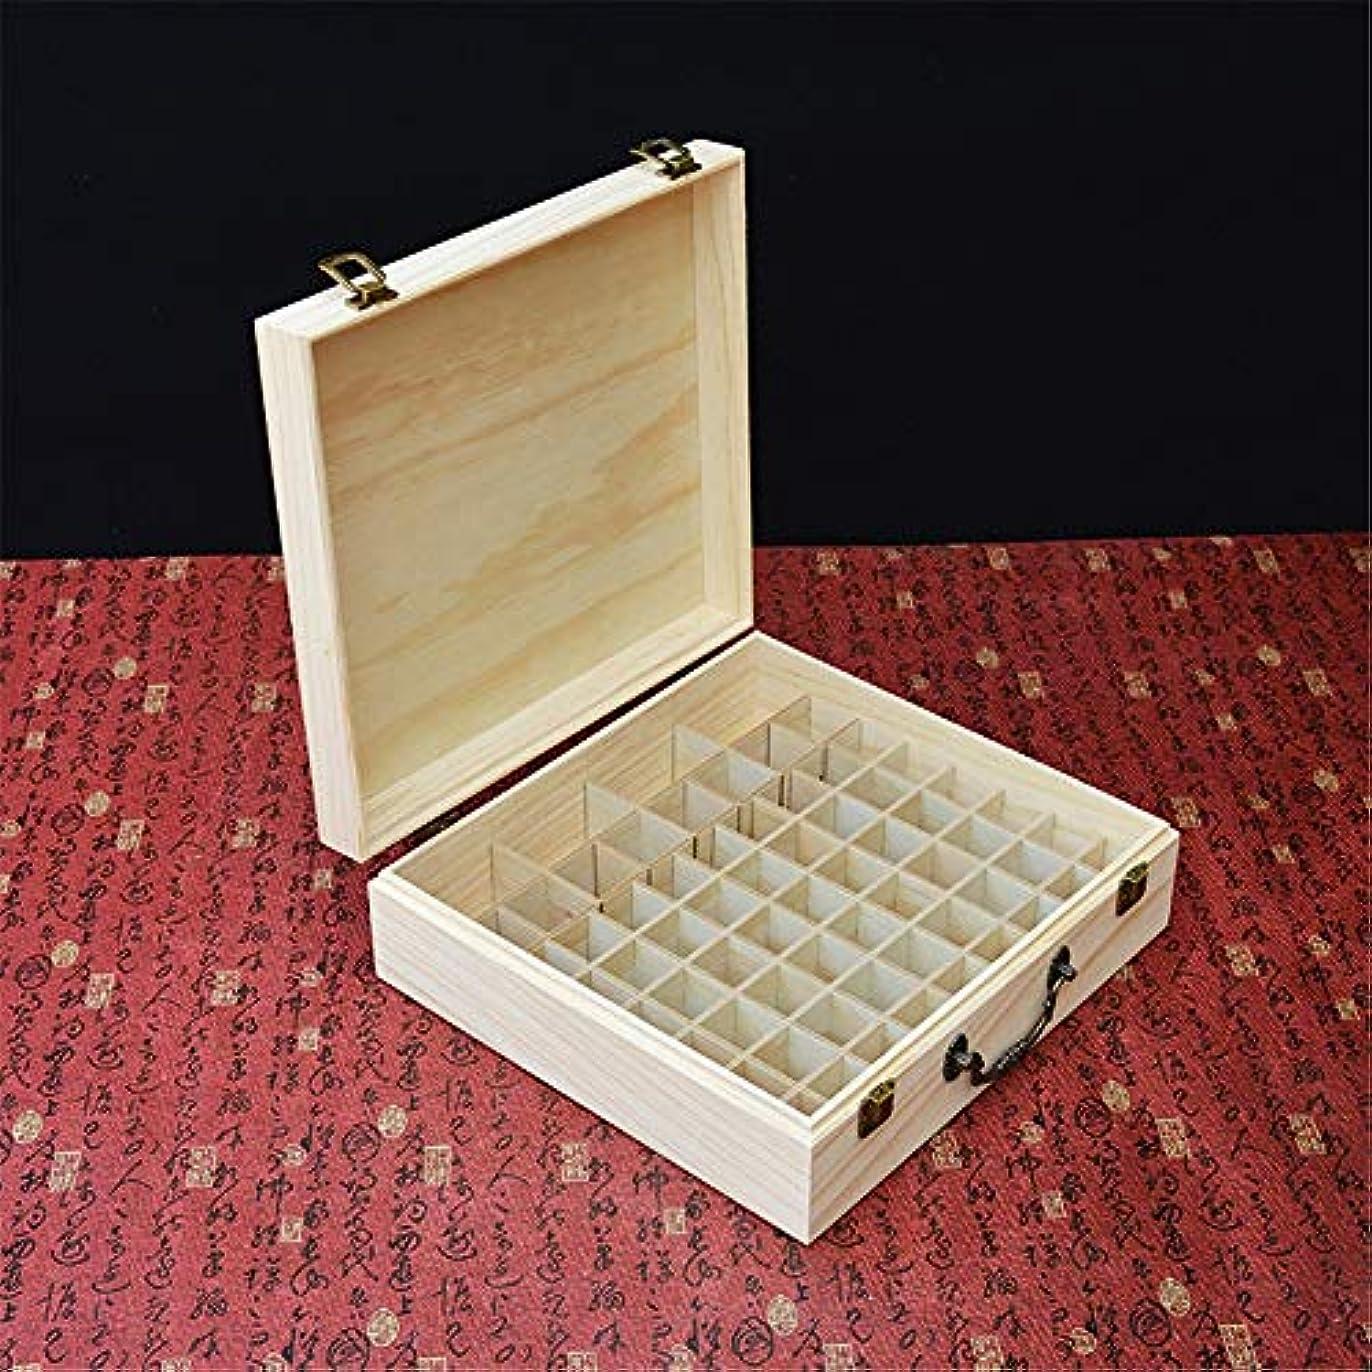 薬用ご近所シェーバーエッセンシャルオイルストレージボックス 66スロット旅行やプレゼンテーションのために木製のエッセンシャルオイルストレージボックスパーフェクト 旅行およびプレゼンテーション用 (色 : Natural, サイズ : 31.5X29X10CM)